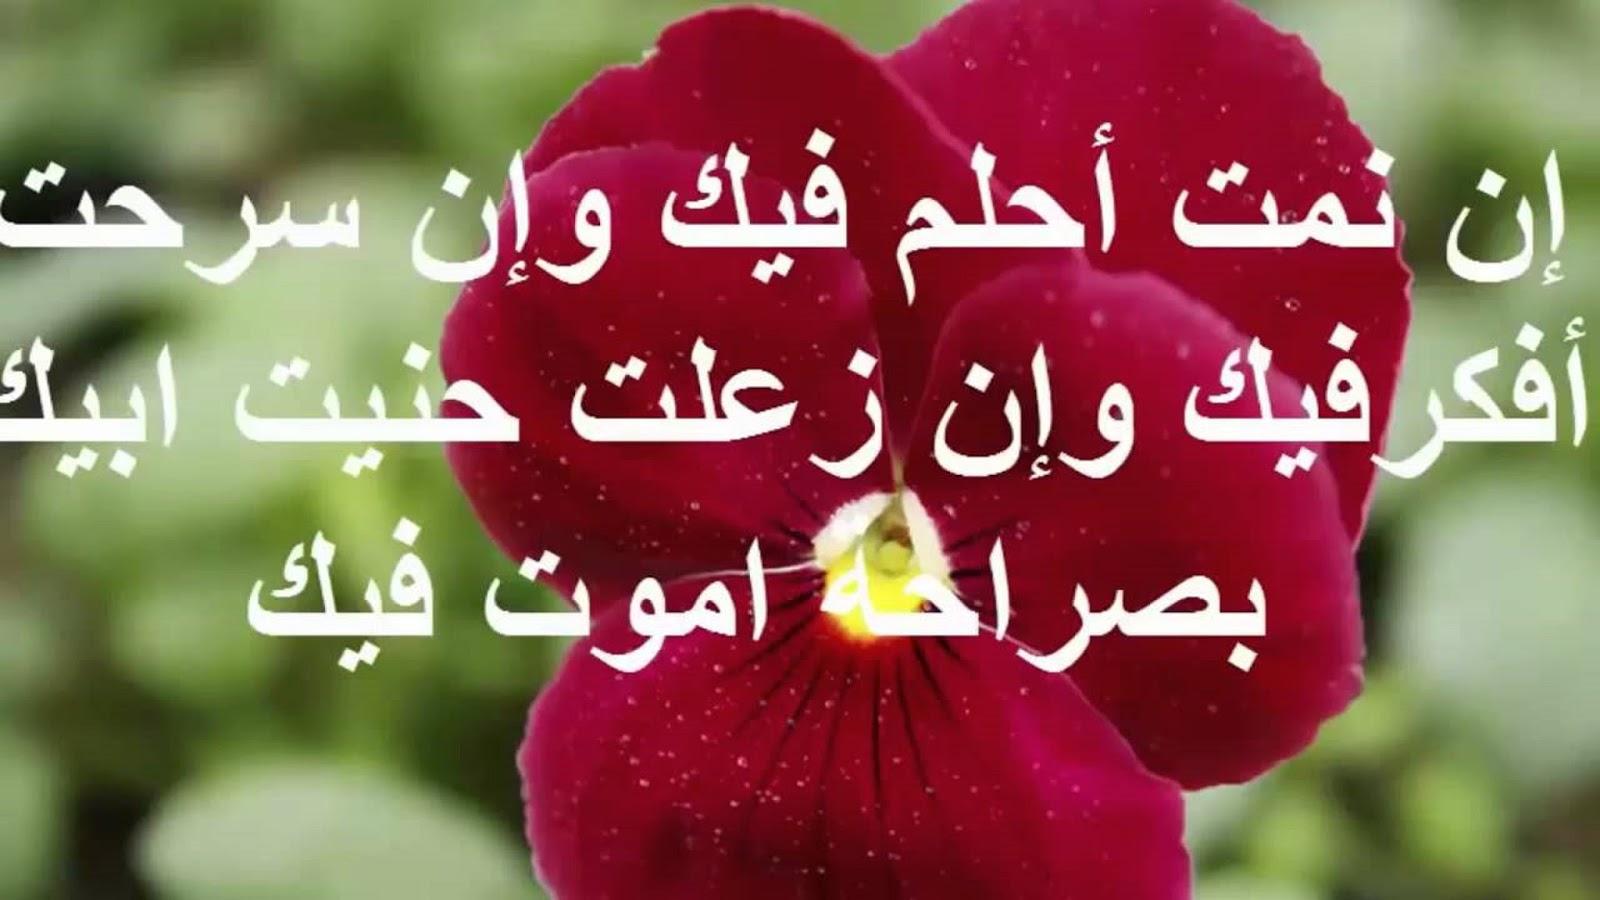 صورة كلمات رومانسية للحبيب , الرومانسيه وكلام من الاحباب